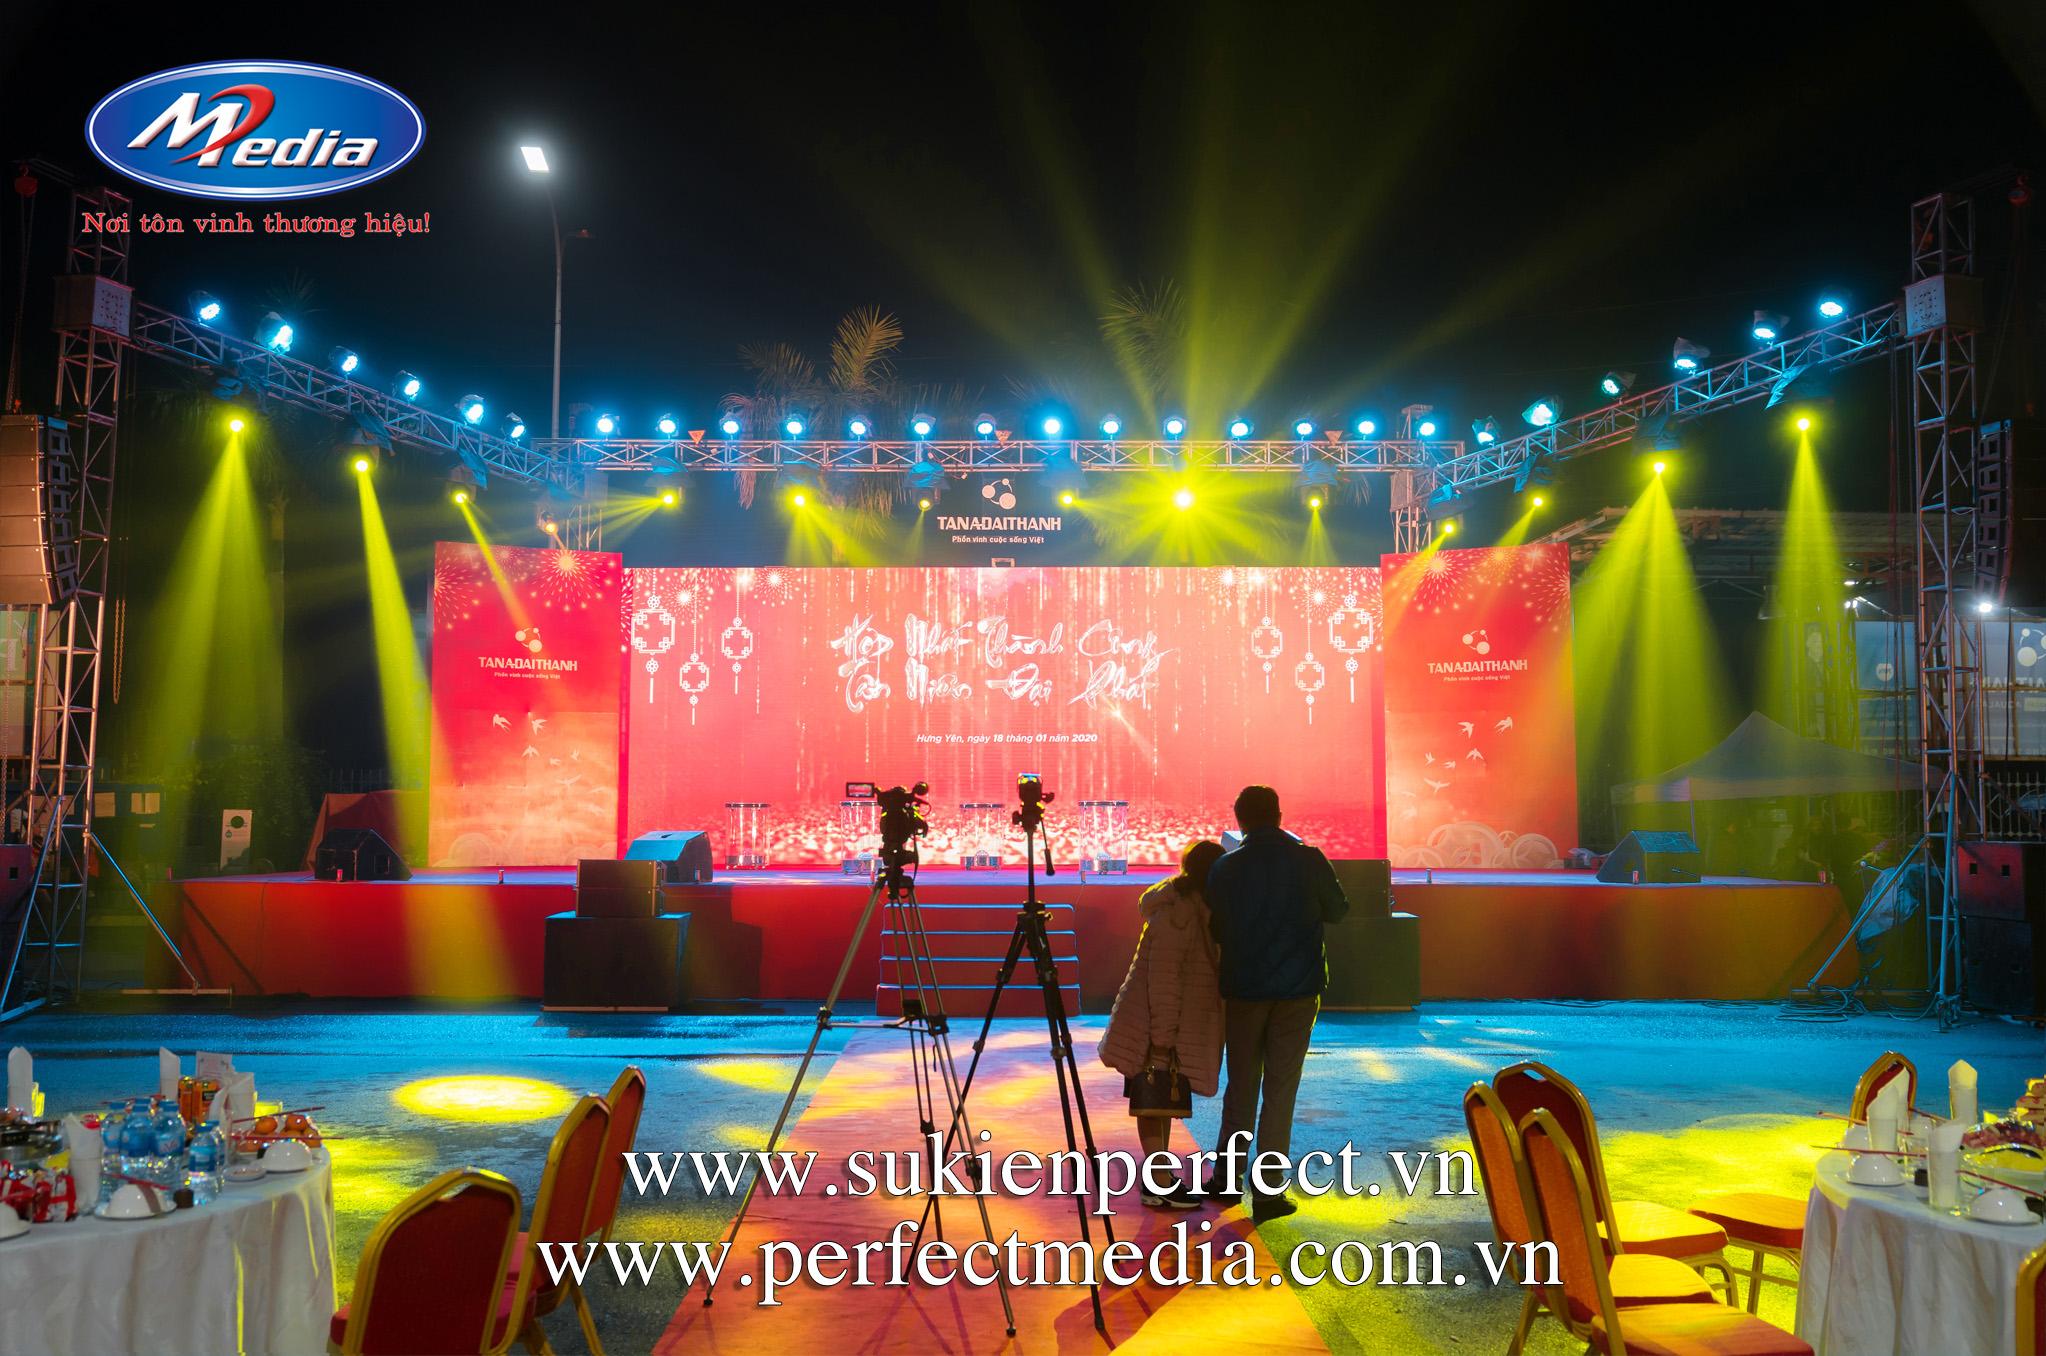 Perfect Media - cung cấp hệ thống âm thanh chuyên nghiệp, hiện đại